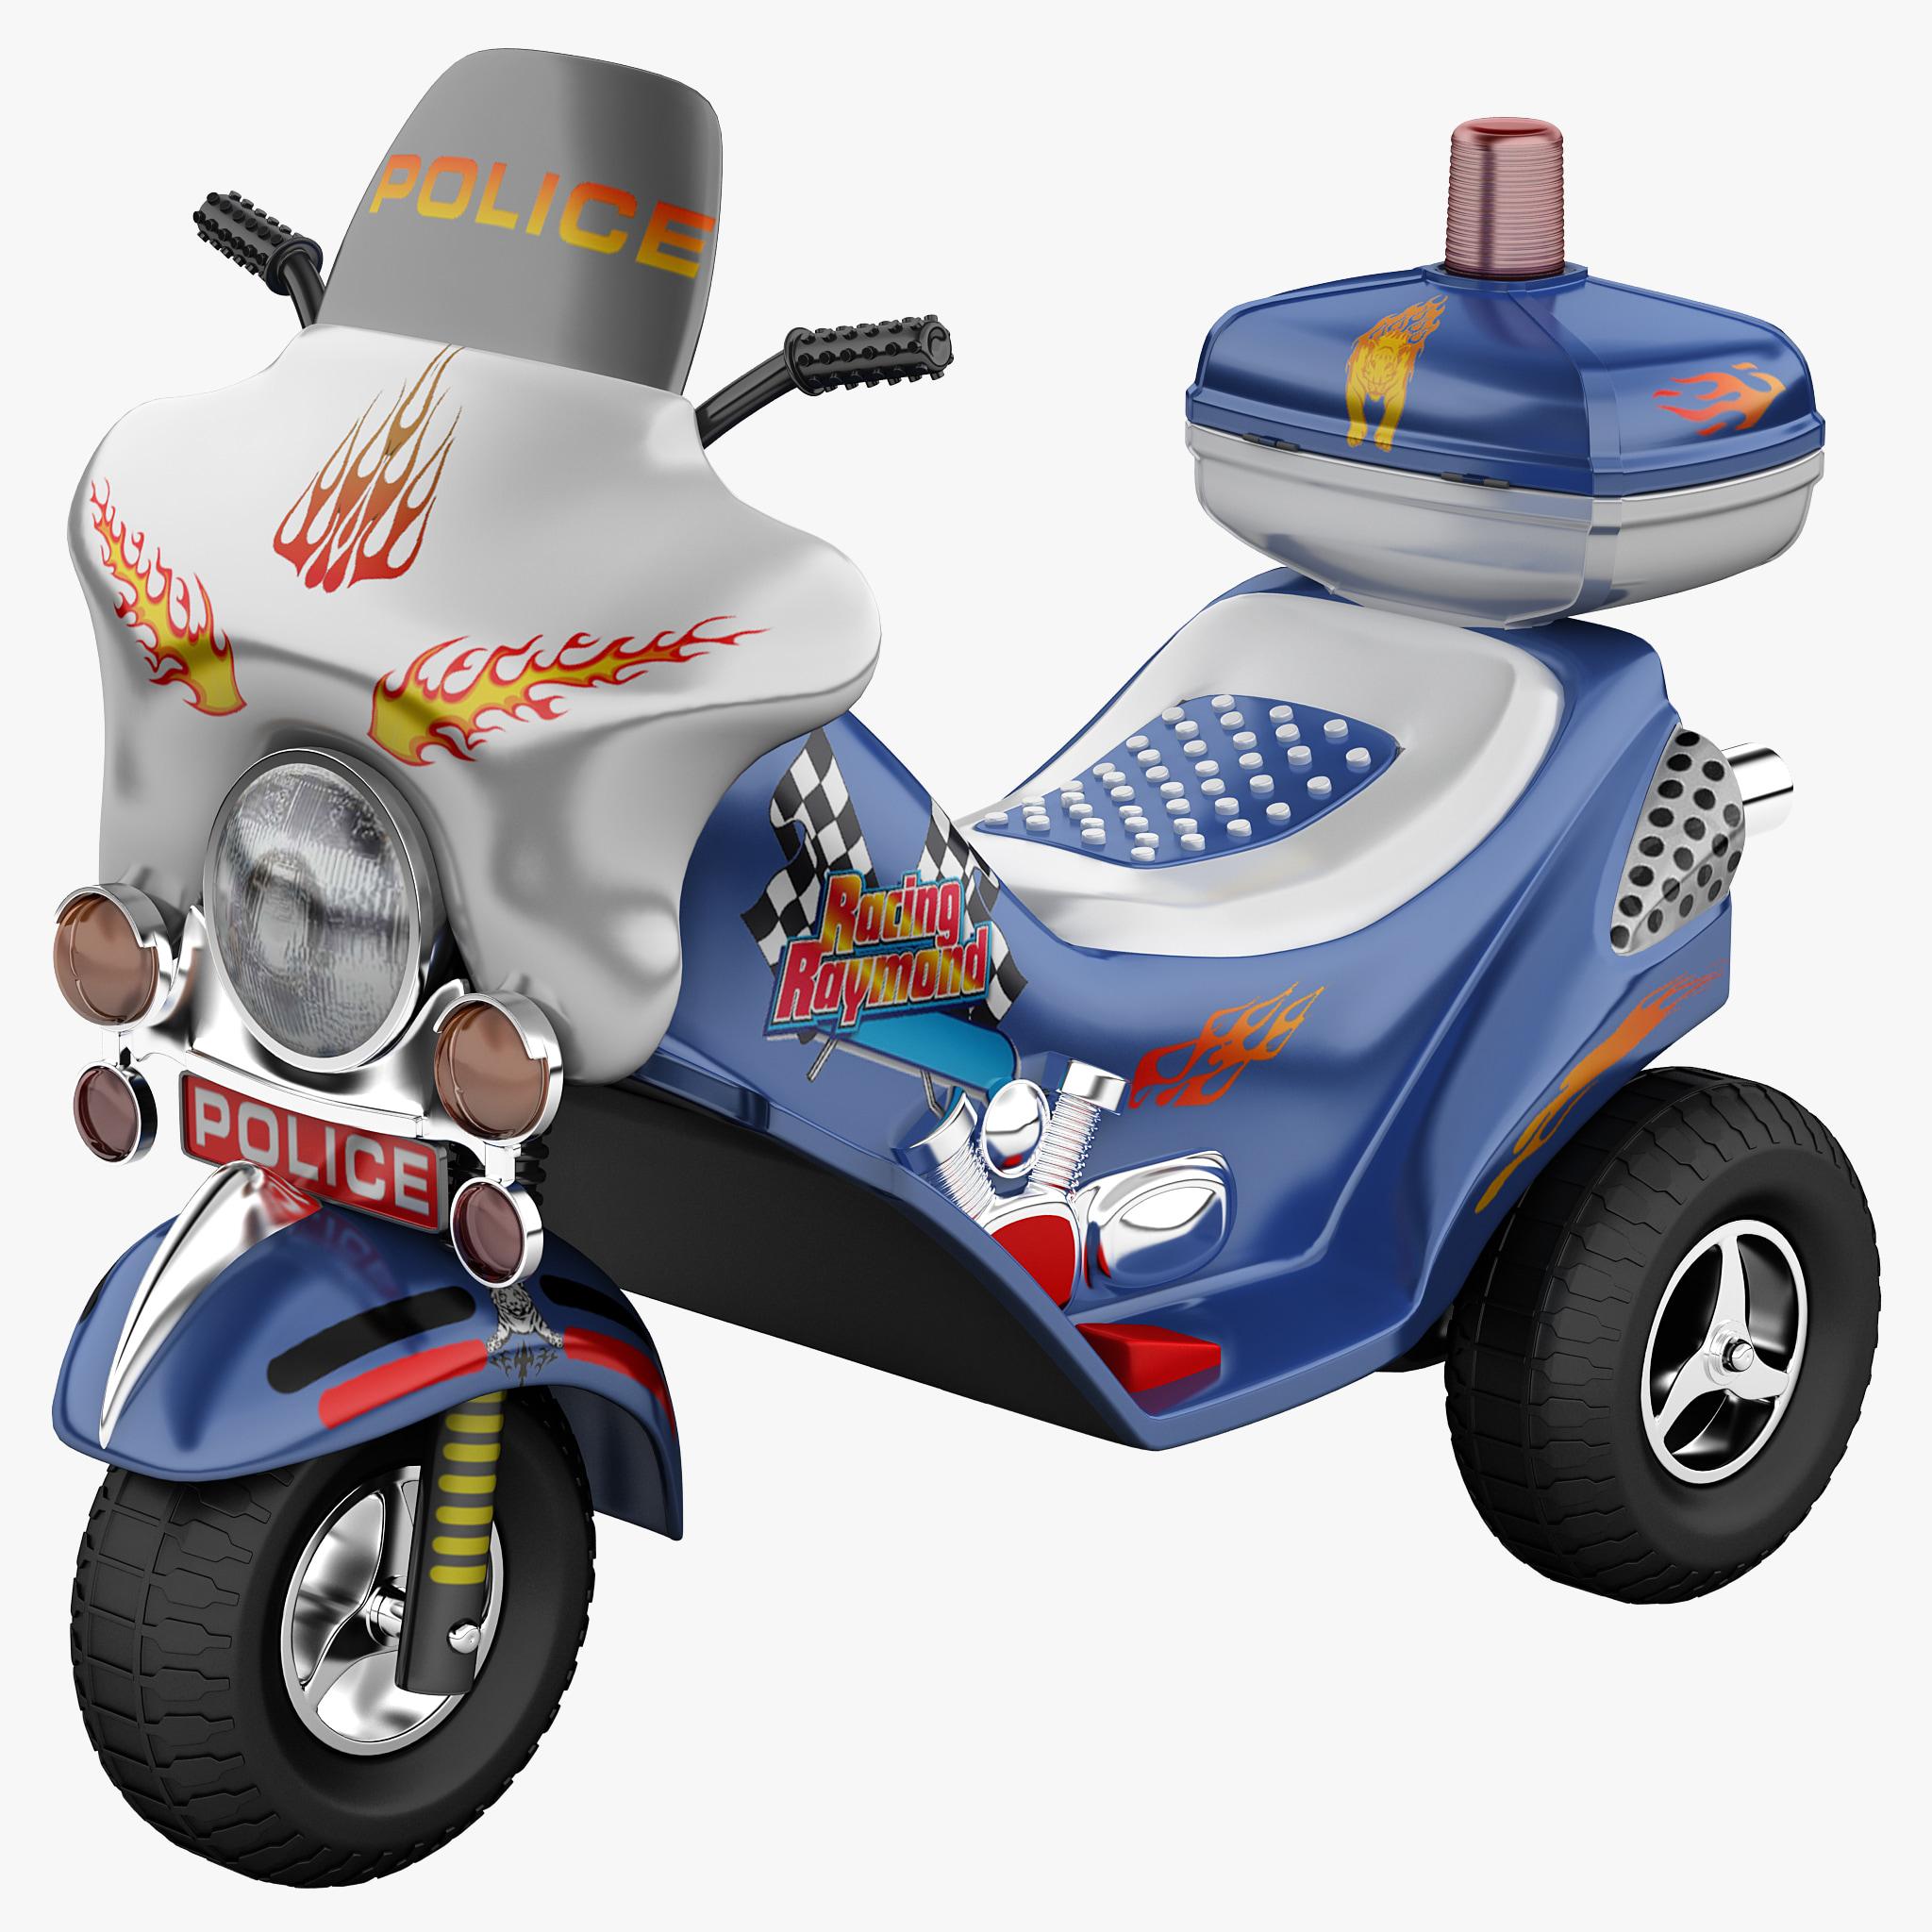 3ds toy bike